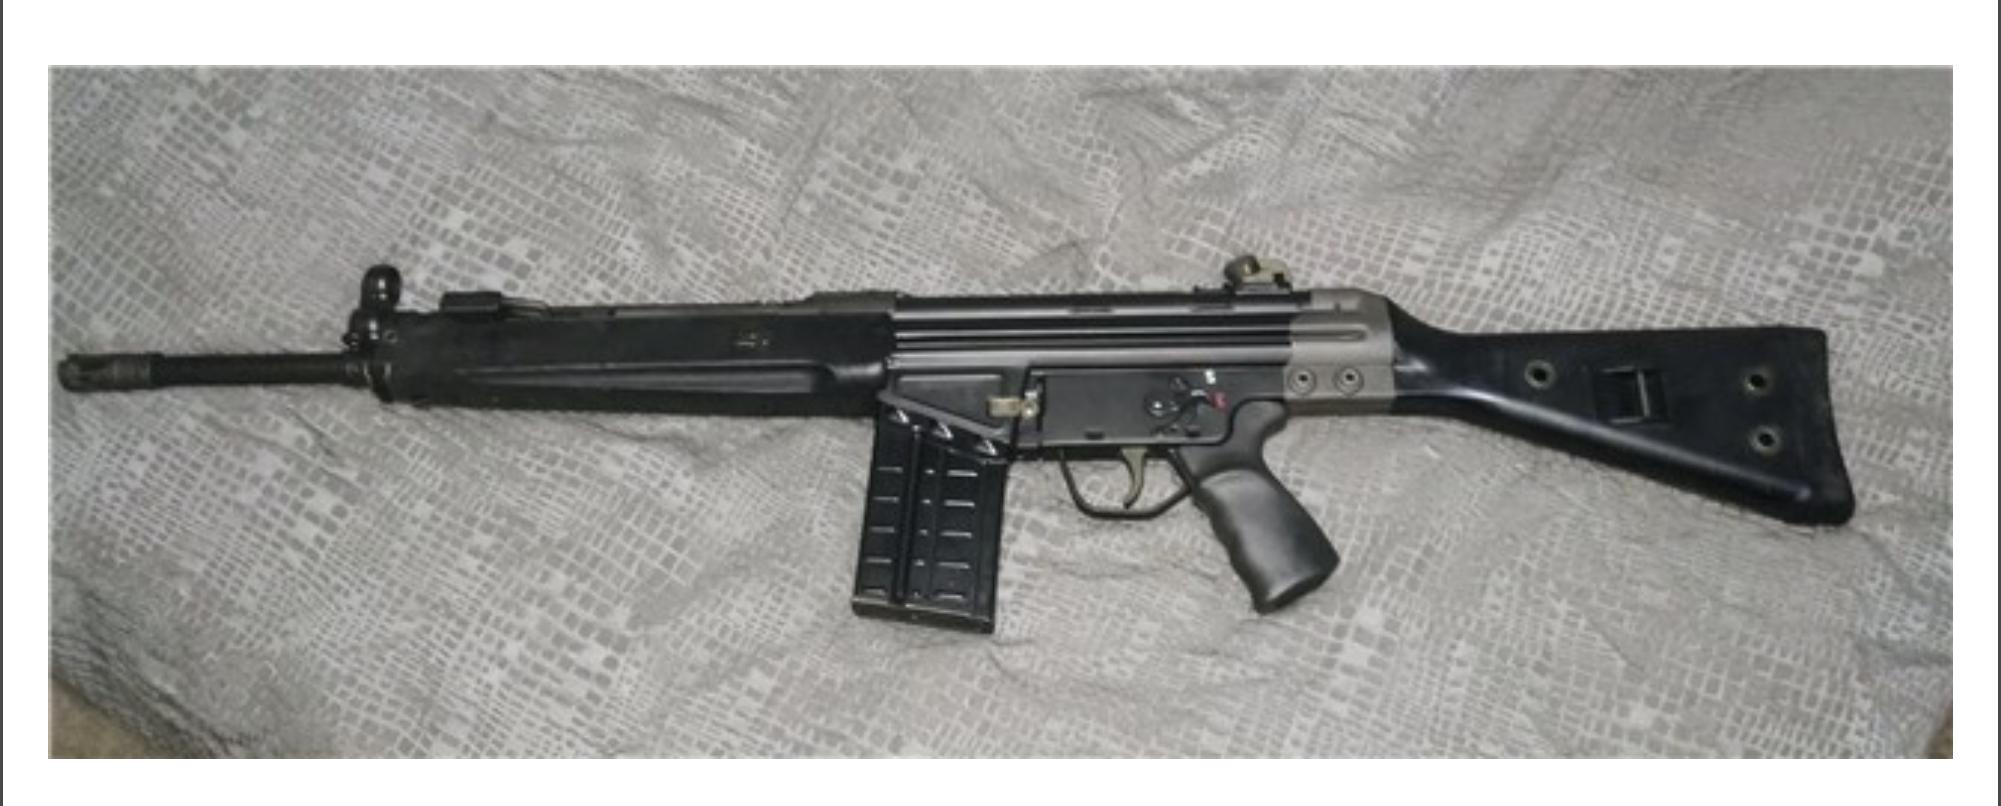 Hi folks, first HK91, actually JLD PTR91....-1468c818-073f-45c7-a6d5-f0997eaeb978.jpeg